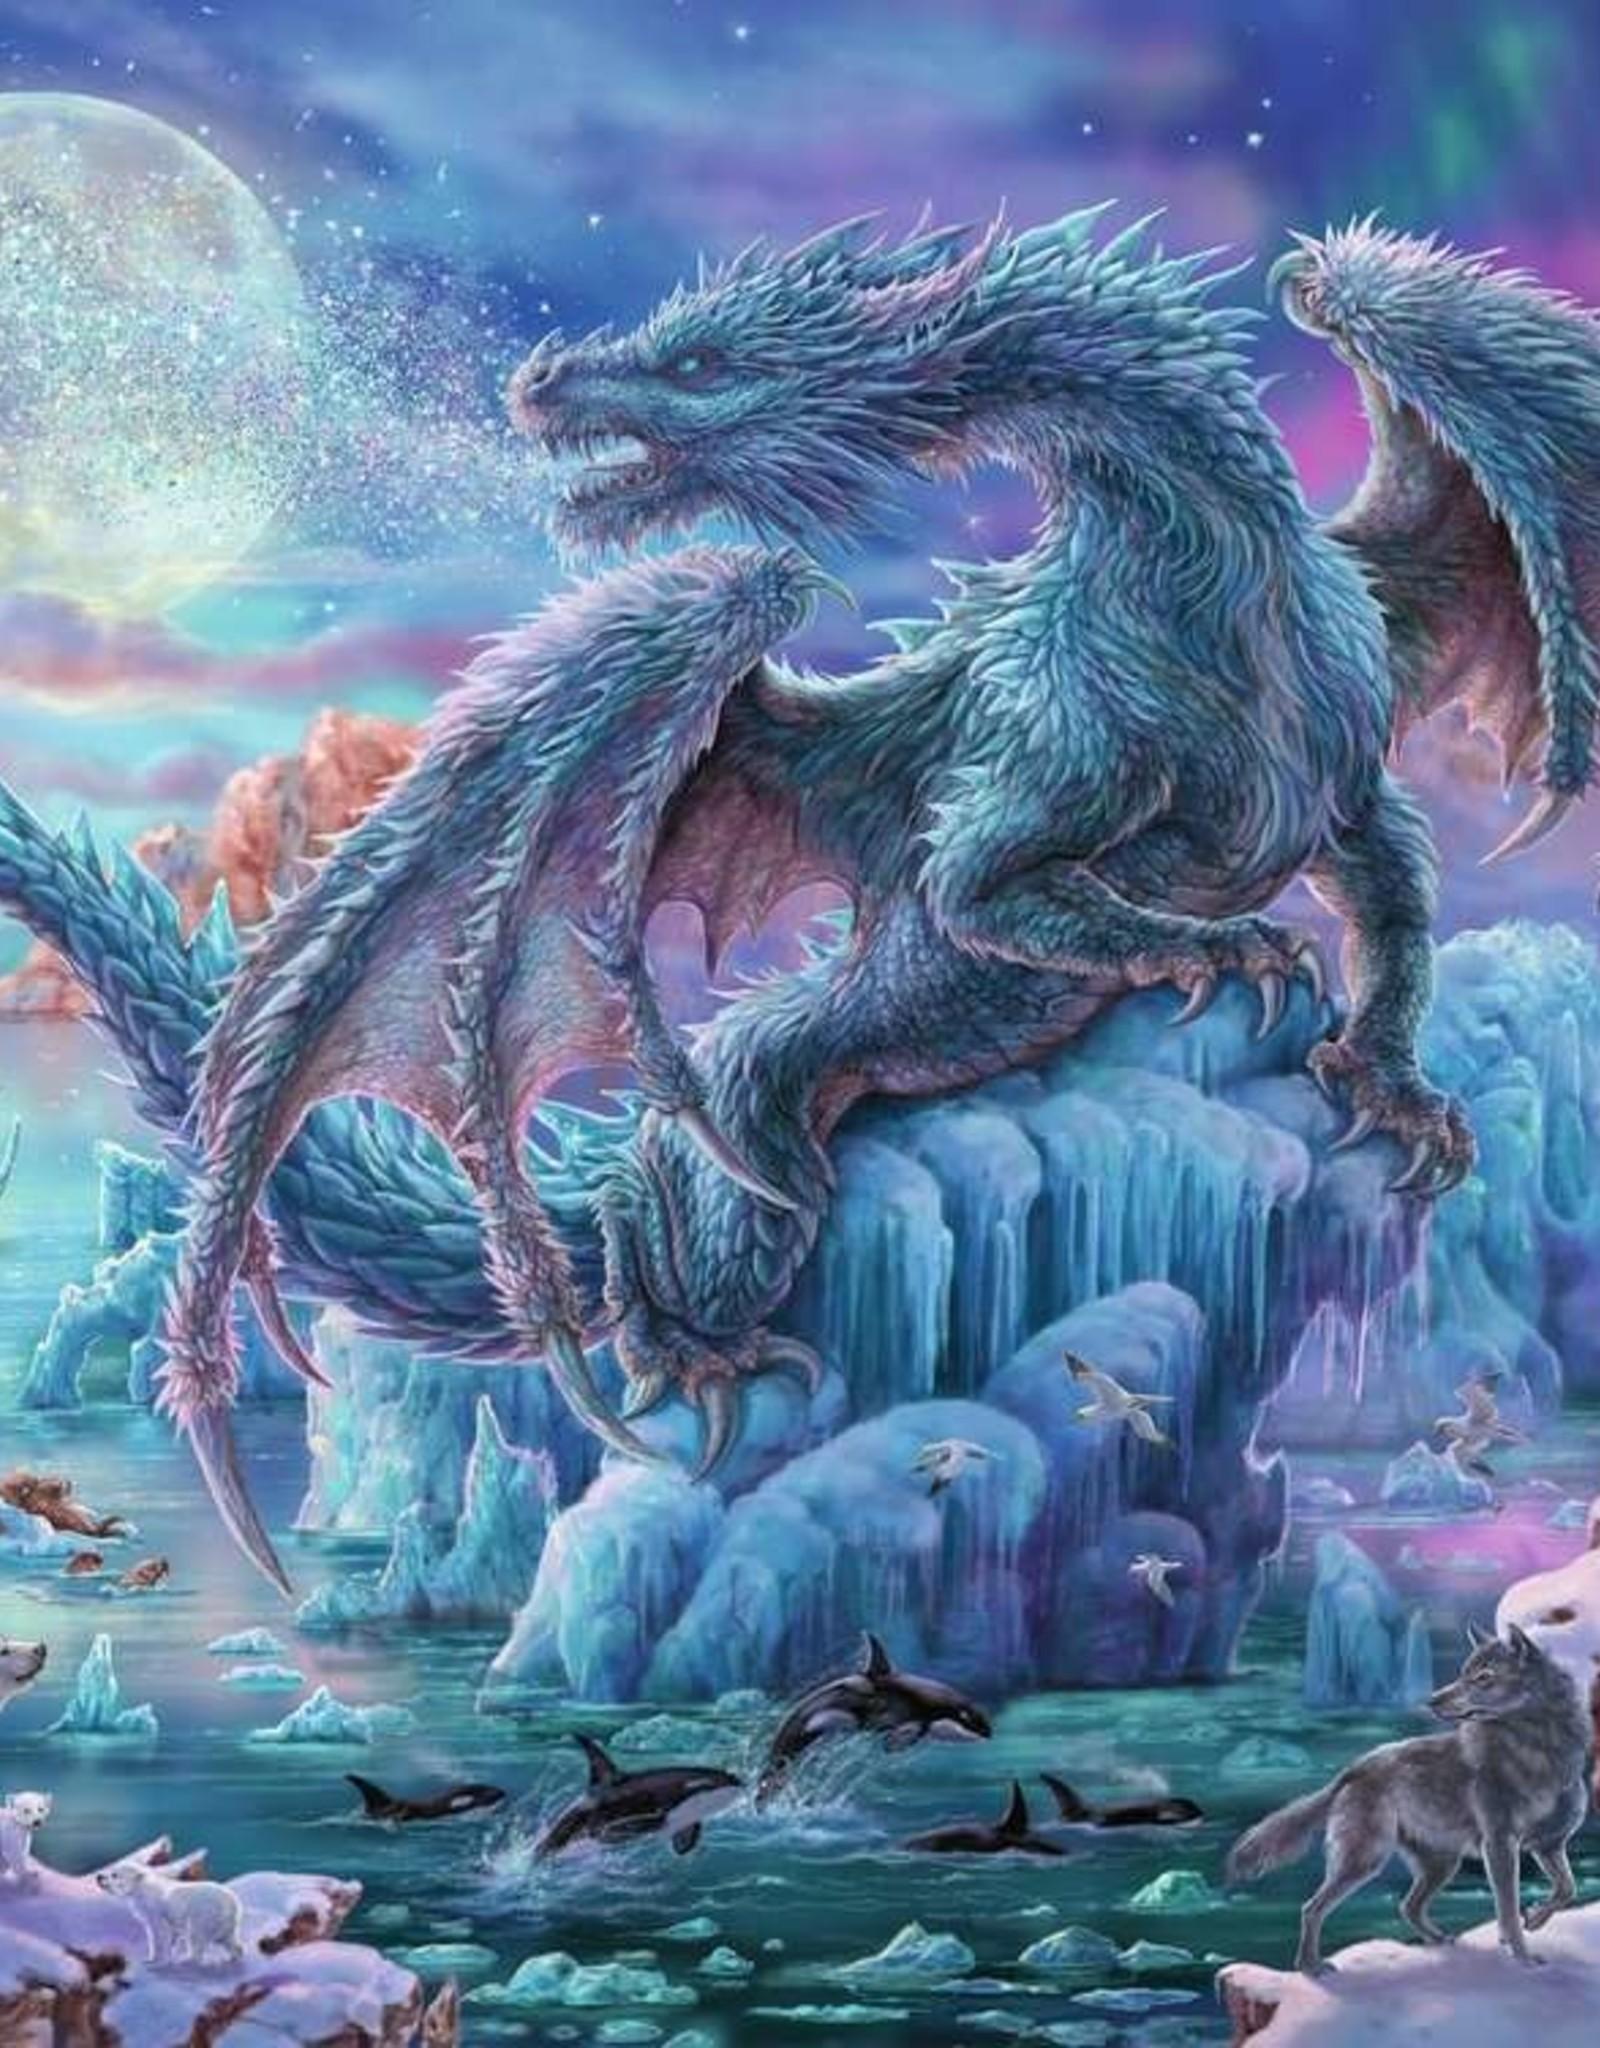 Ravensburger Mystical Dragons Puzzle 500 PCS